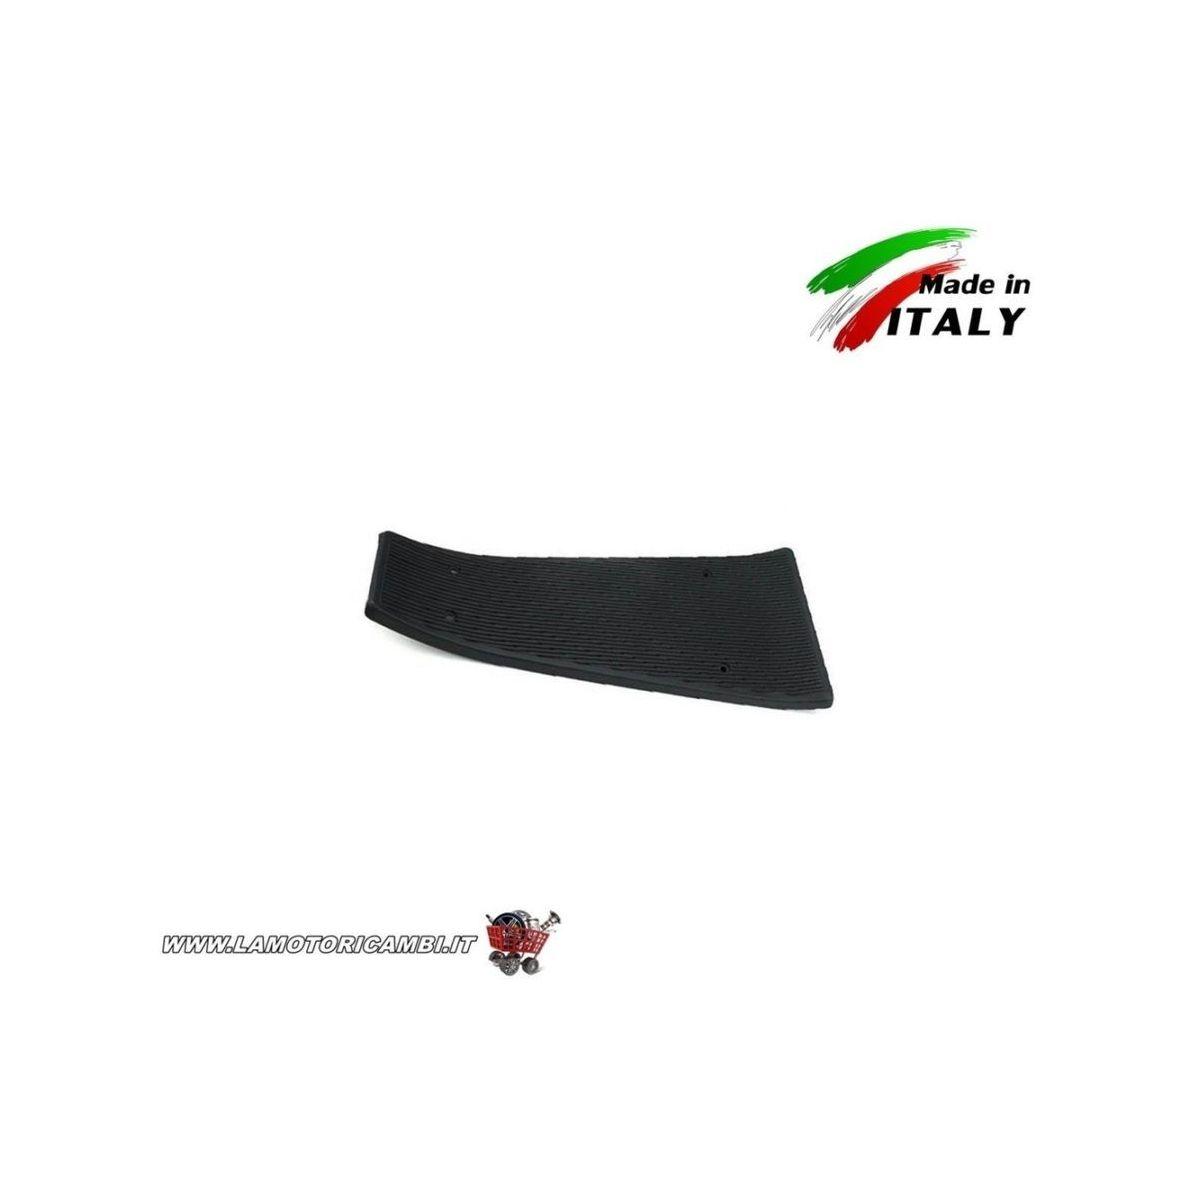 Tappetino centrale rigido prodotto italiano per vespa 50 125 PK XL  riferimento originale  214512